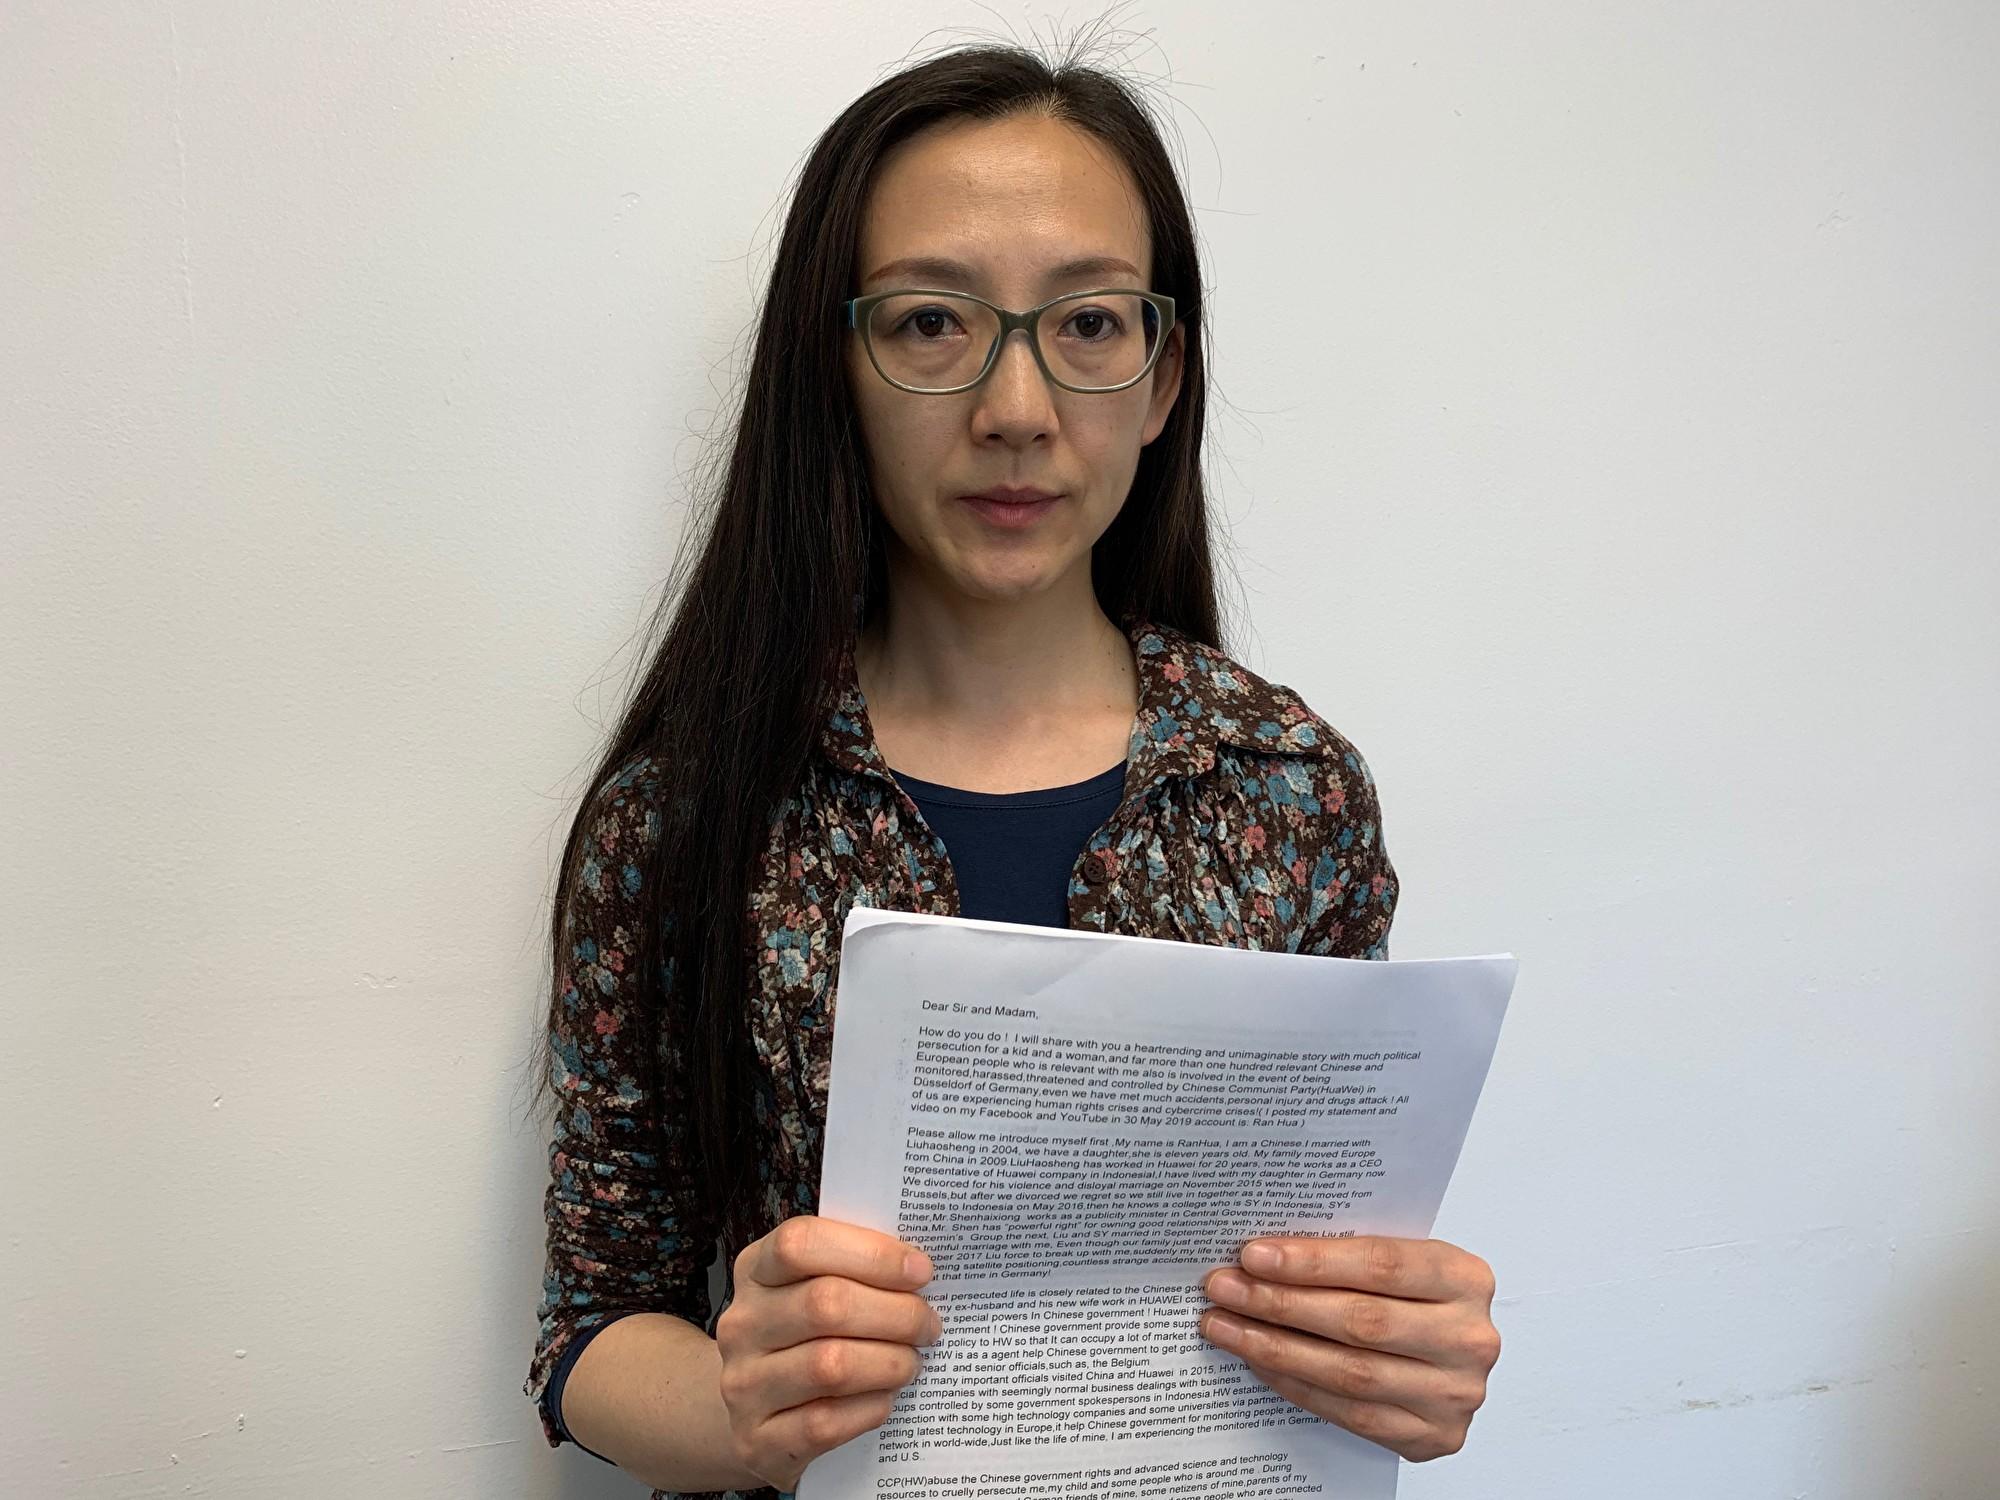 華為現駐澳洲代表劉浩生的前妻冉華,控訴中共(華為)對她的網絡監控及迫害。(大紀元)